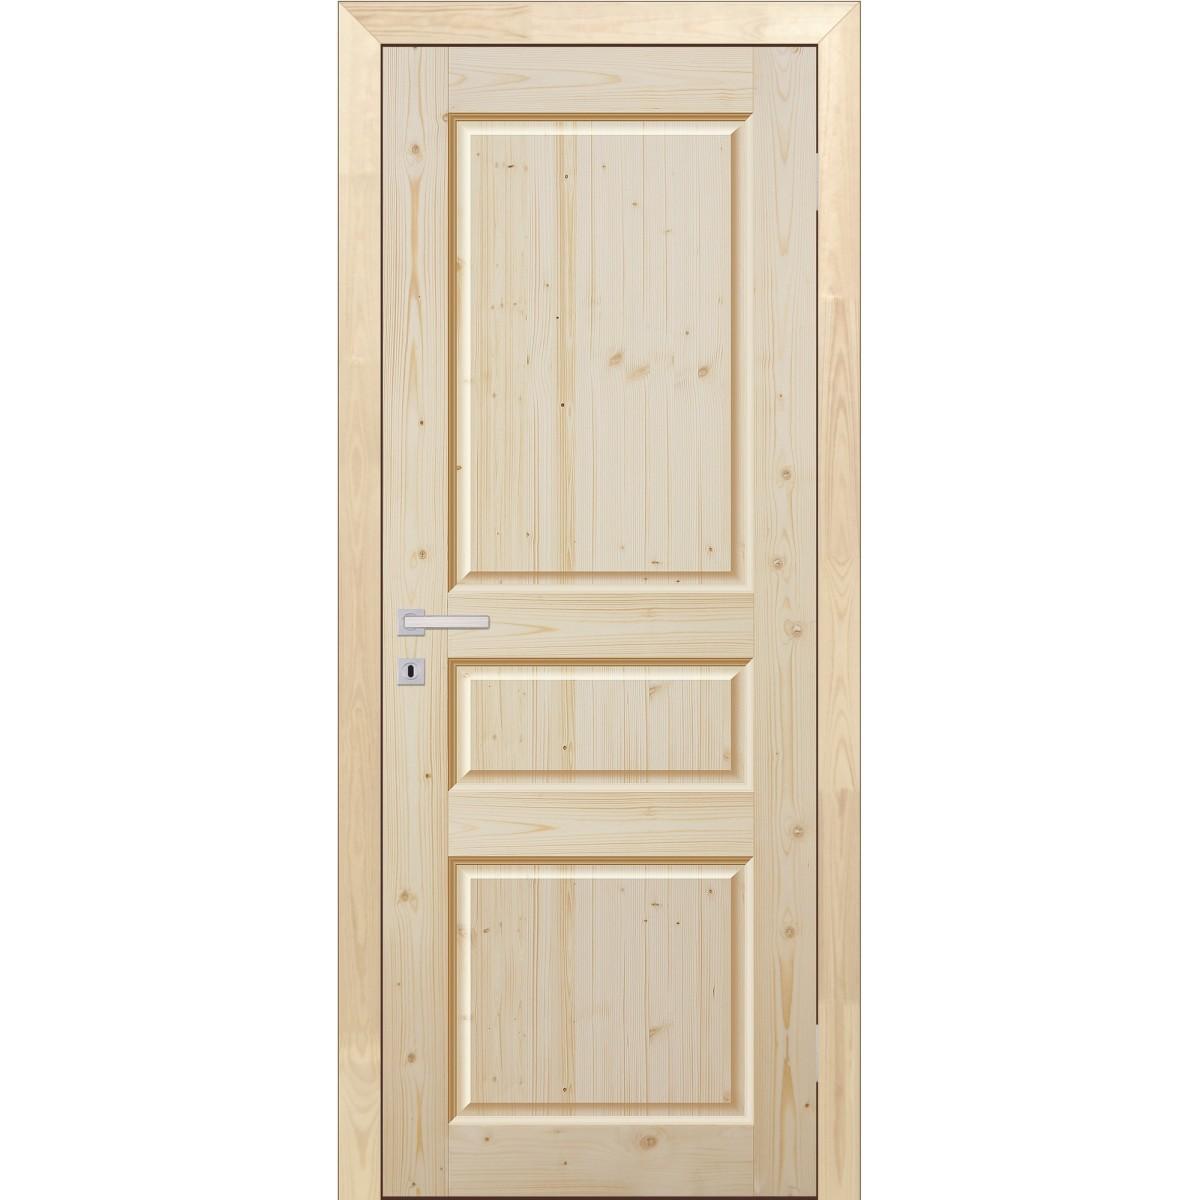 Дверь Межкомнатная Глухая 70x200 Трехфиленчатый Массив Хвои Цвет Натуральный